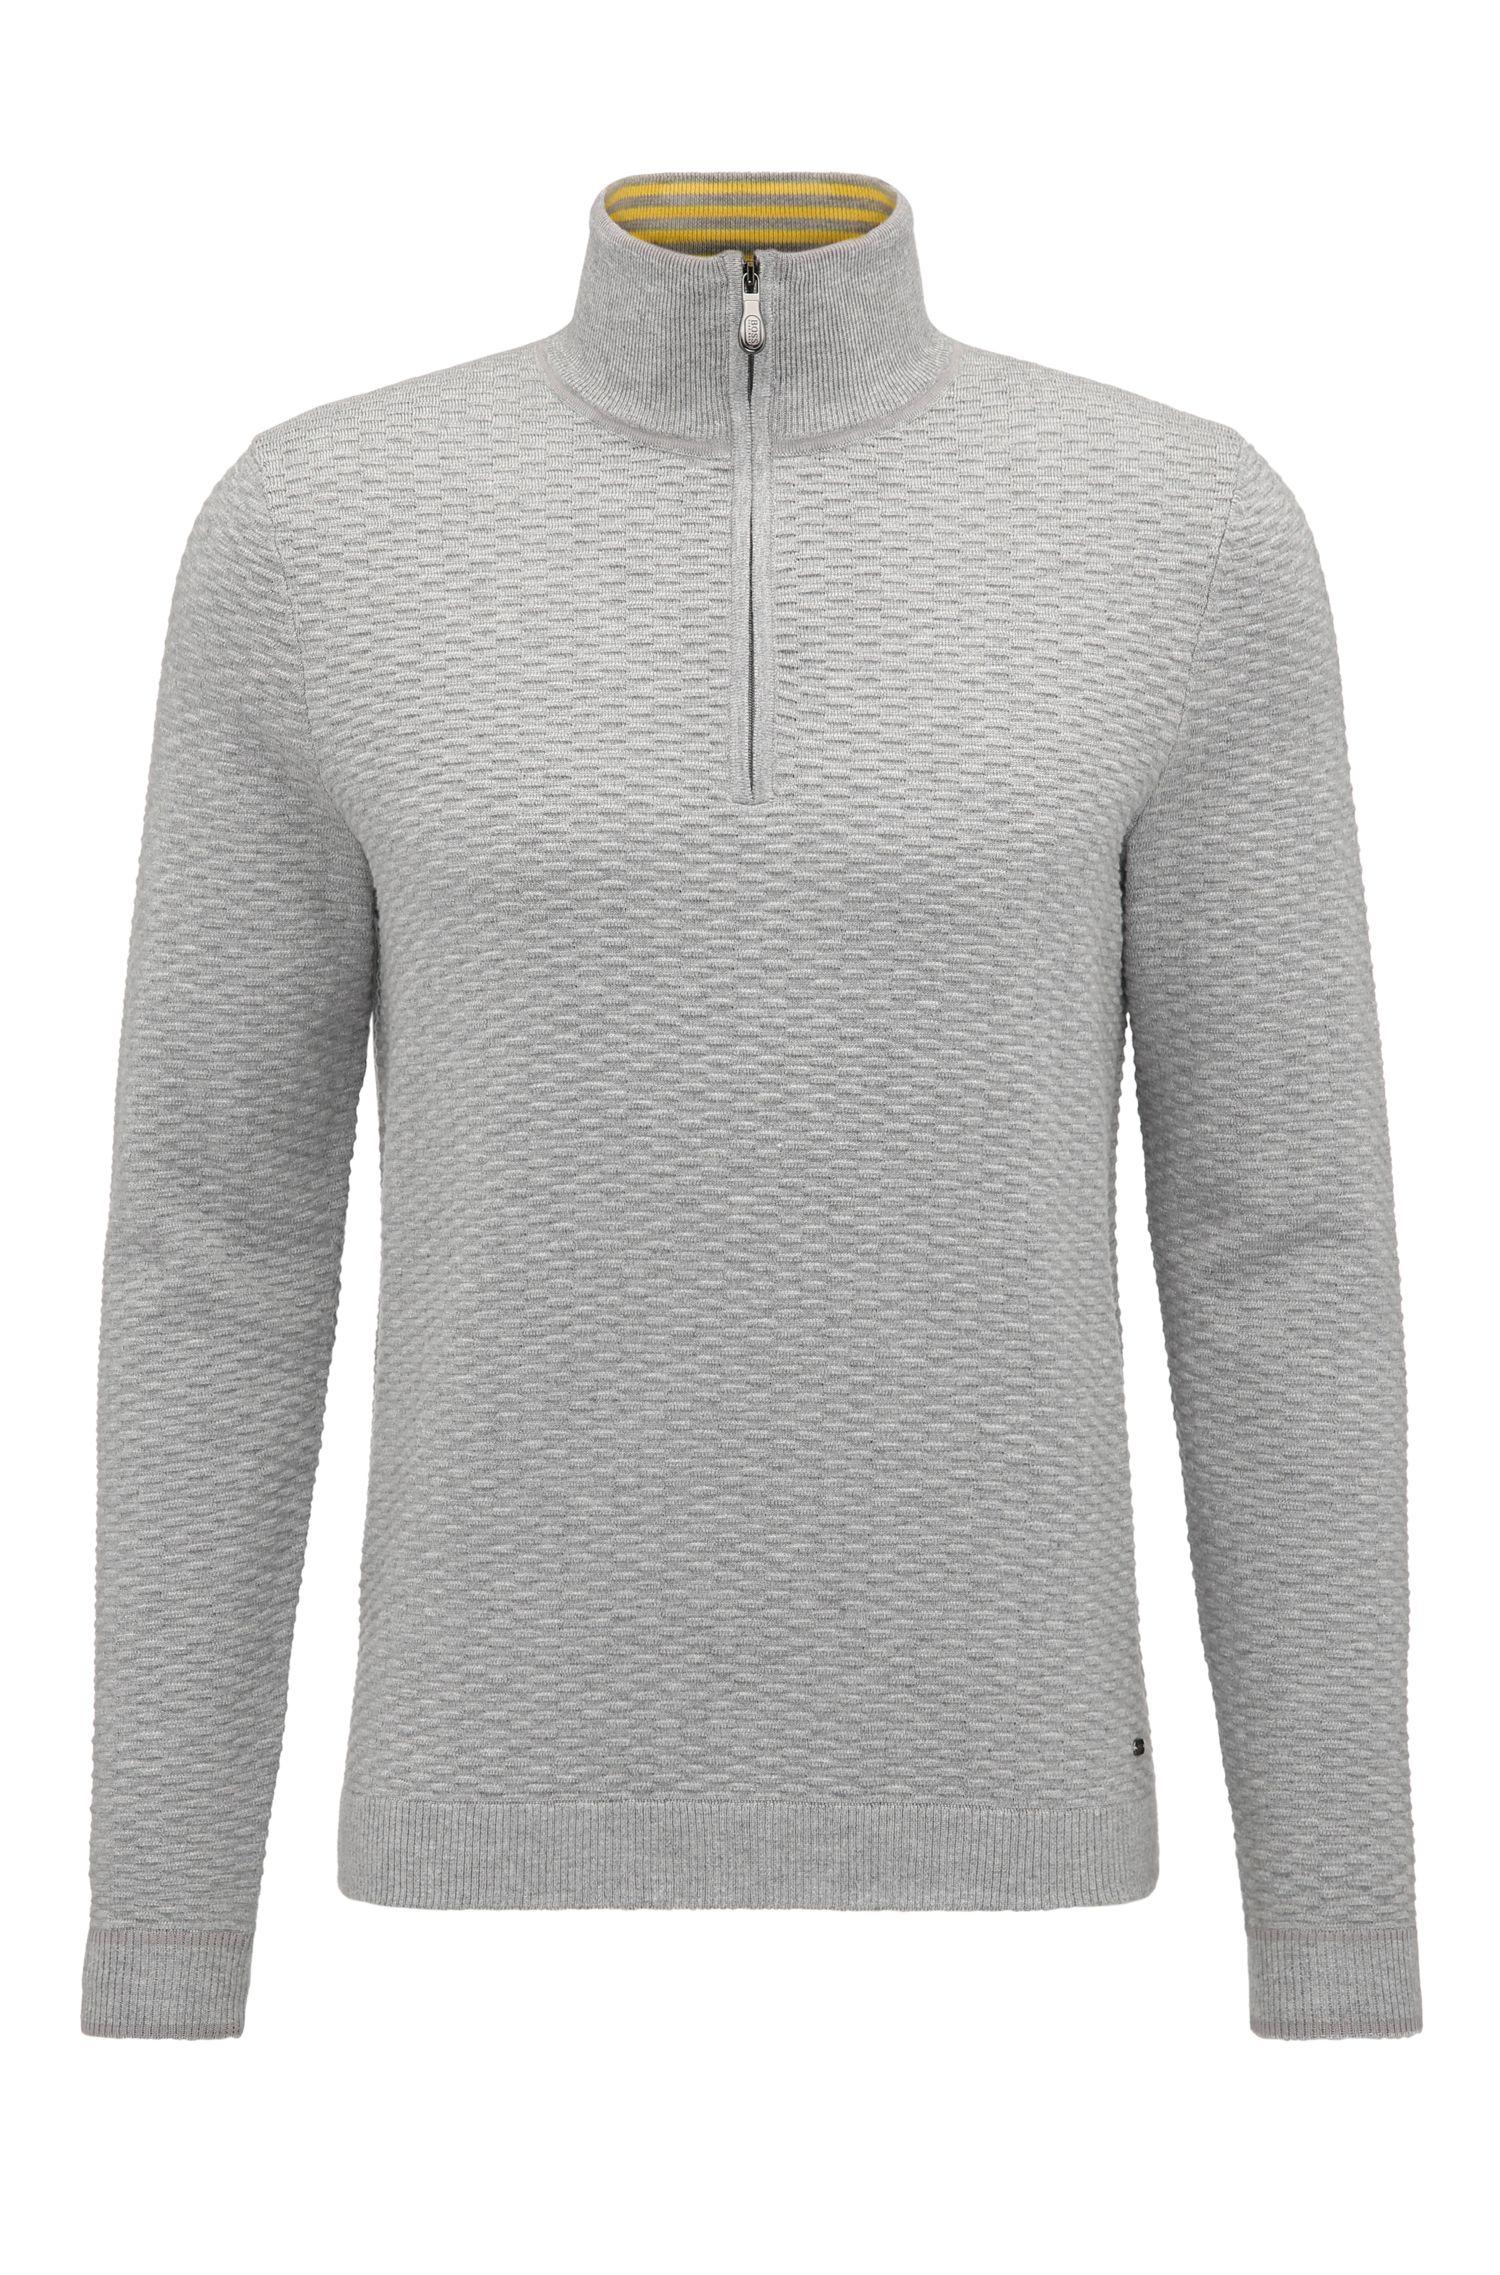 'Zote' | Dobby Stretch Cotton Sweater